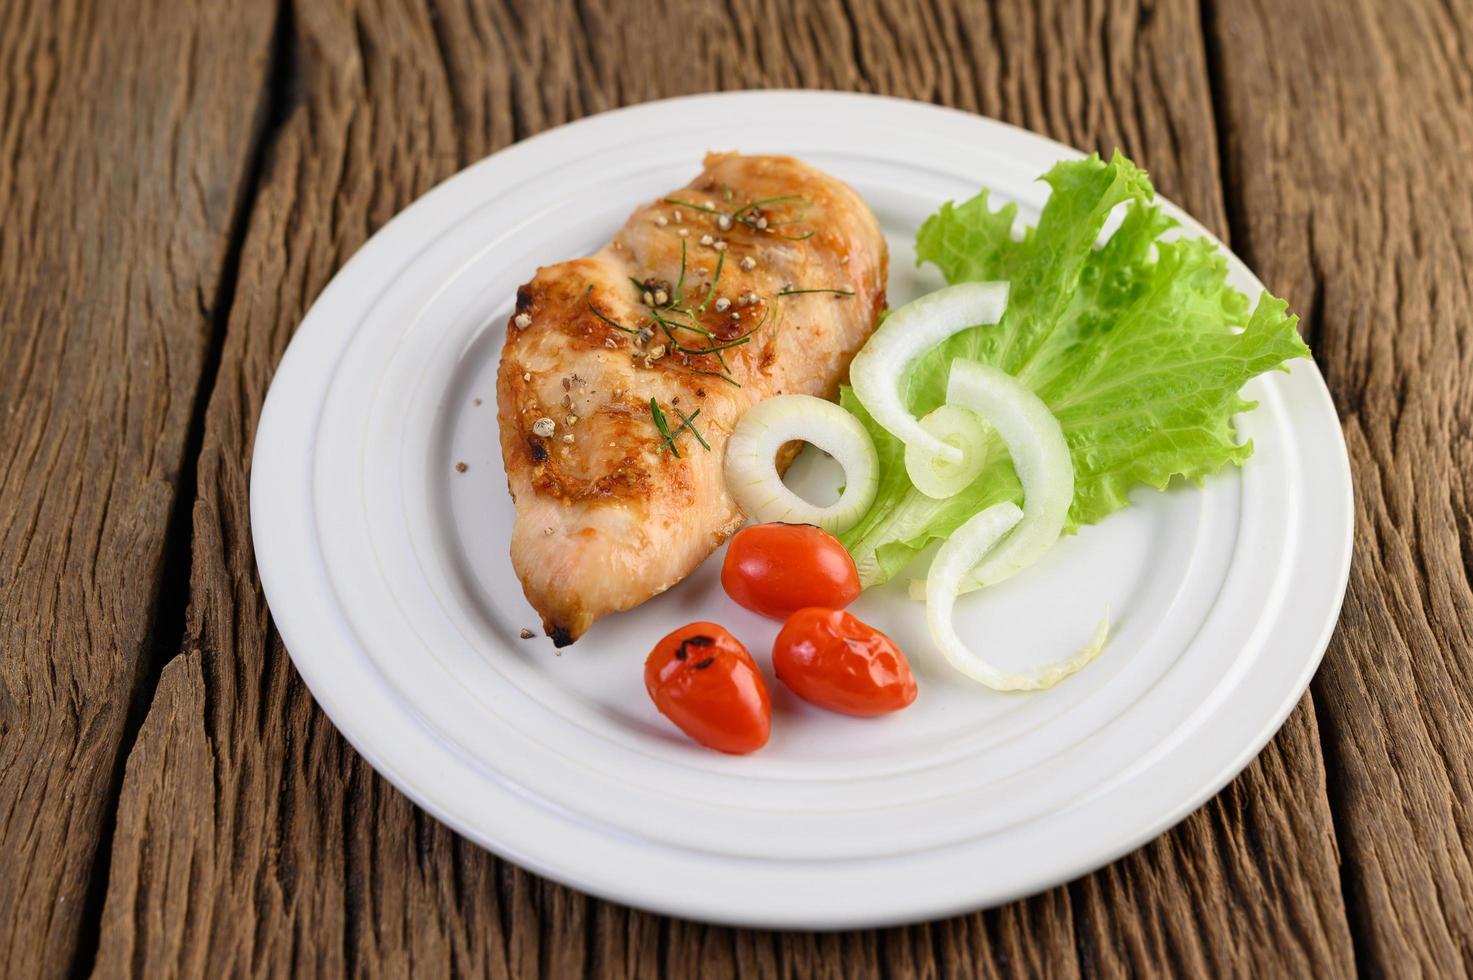 poulet grillé sur une assiette avec tomates, salade et oignon photo